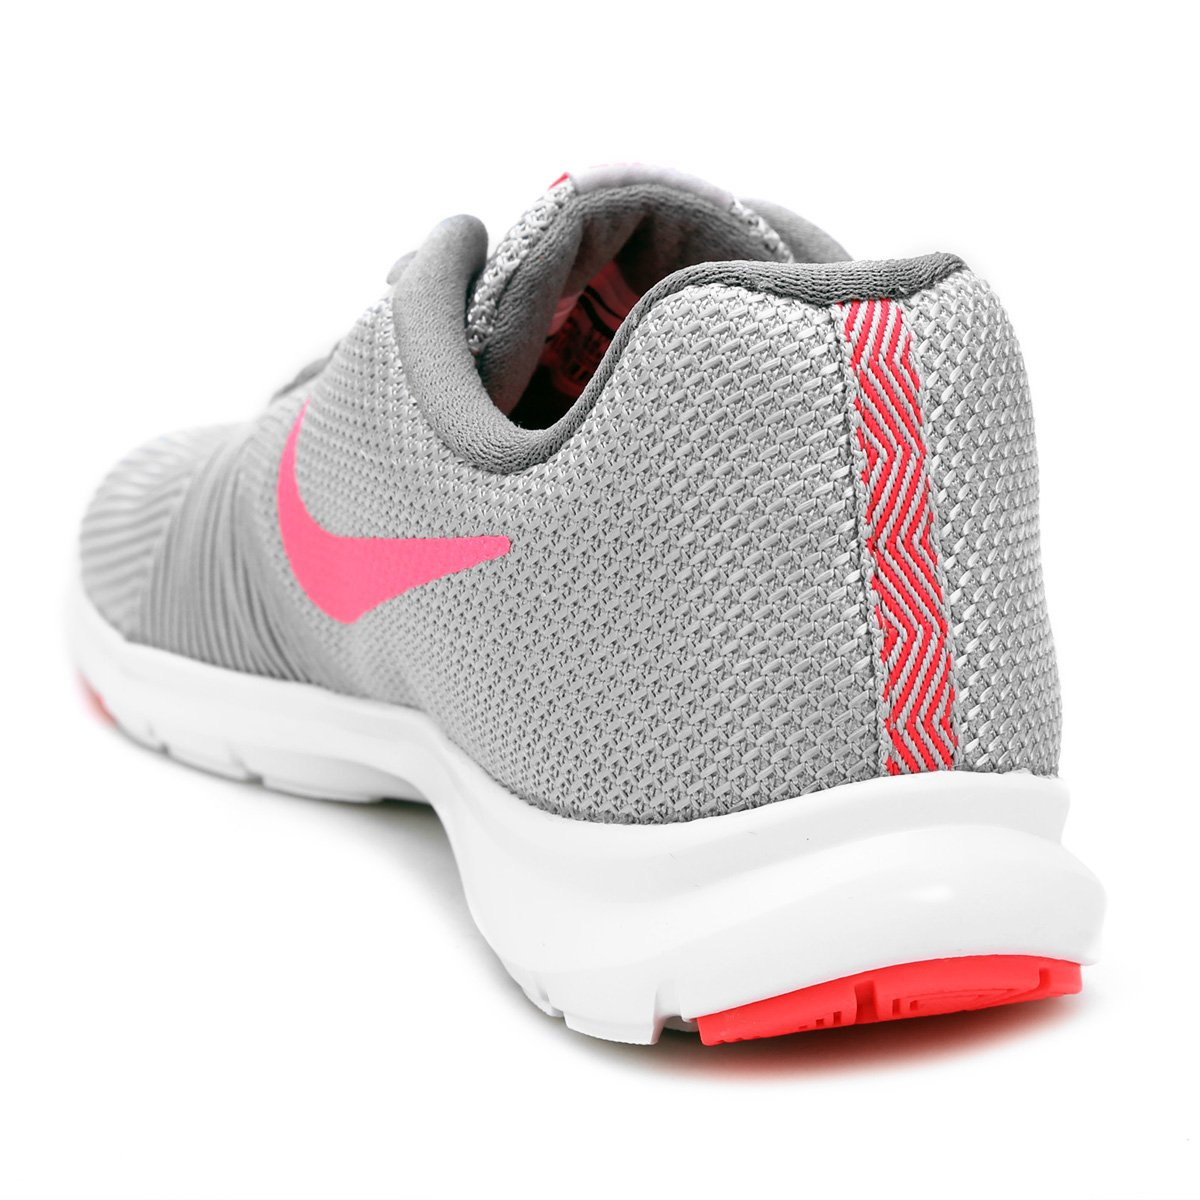 Tênis Nike Flex Bijoux Feminino - Prata e Rosa - Compre Agora  c19f8ff8c5263